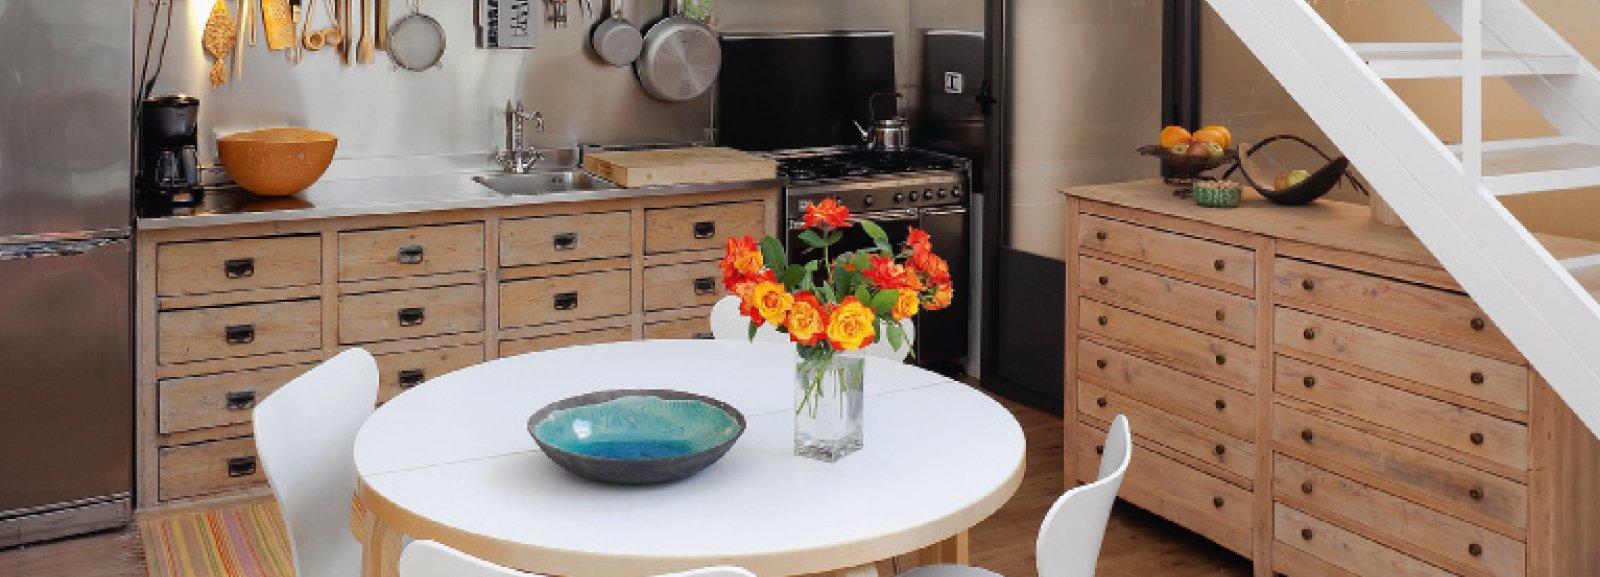 Cucina vintage con elementi di recupero cose di casa for Cucina senza pensili